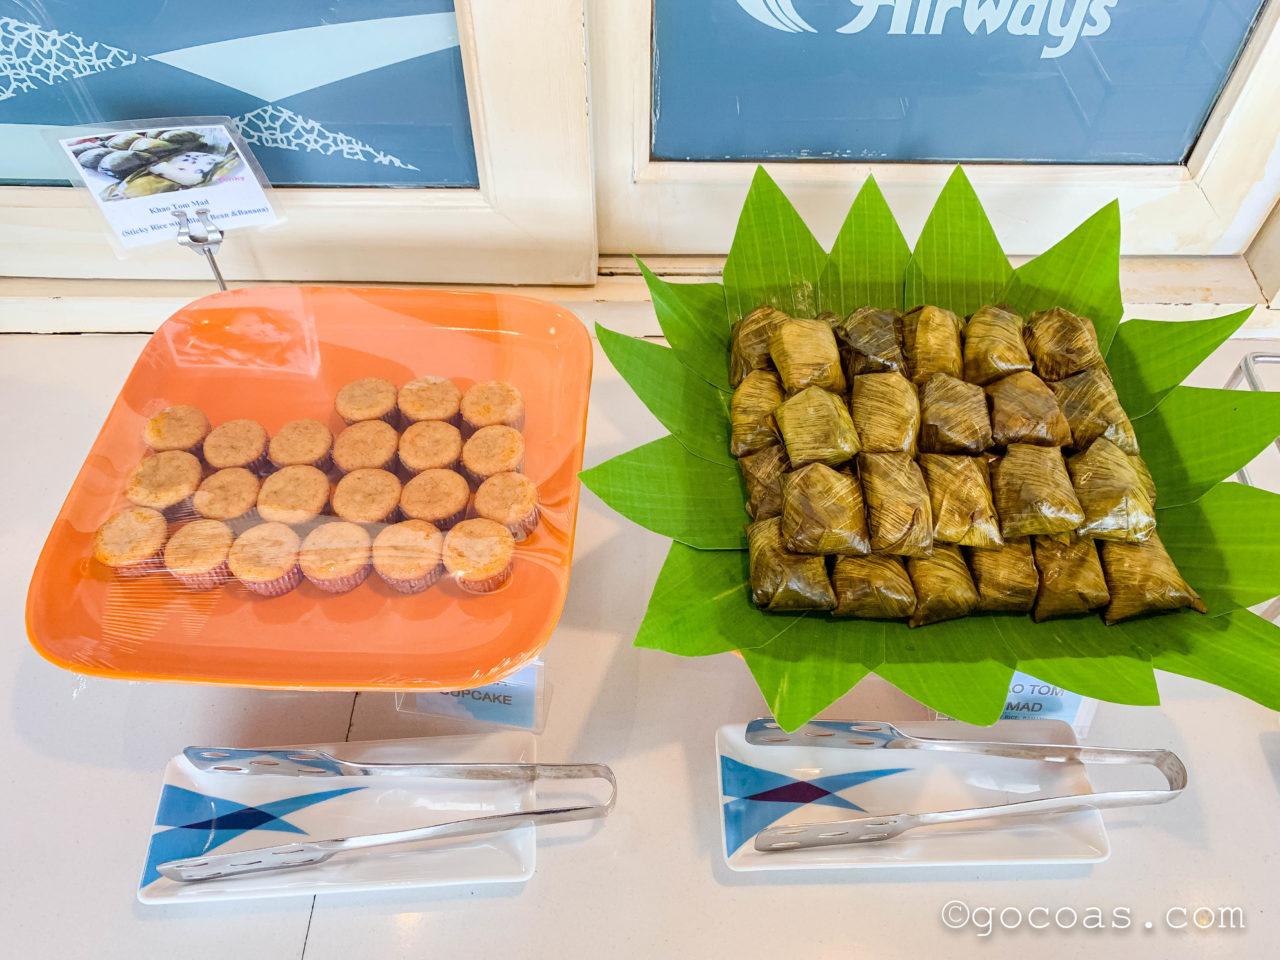 ルアンパバーン国際空港のBANGKOK AIRWAYS LUANG PRABANG LOUNGEのお菓子2種